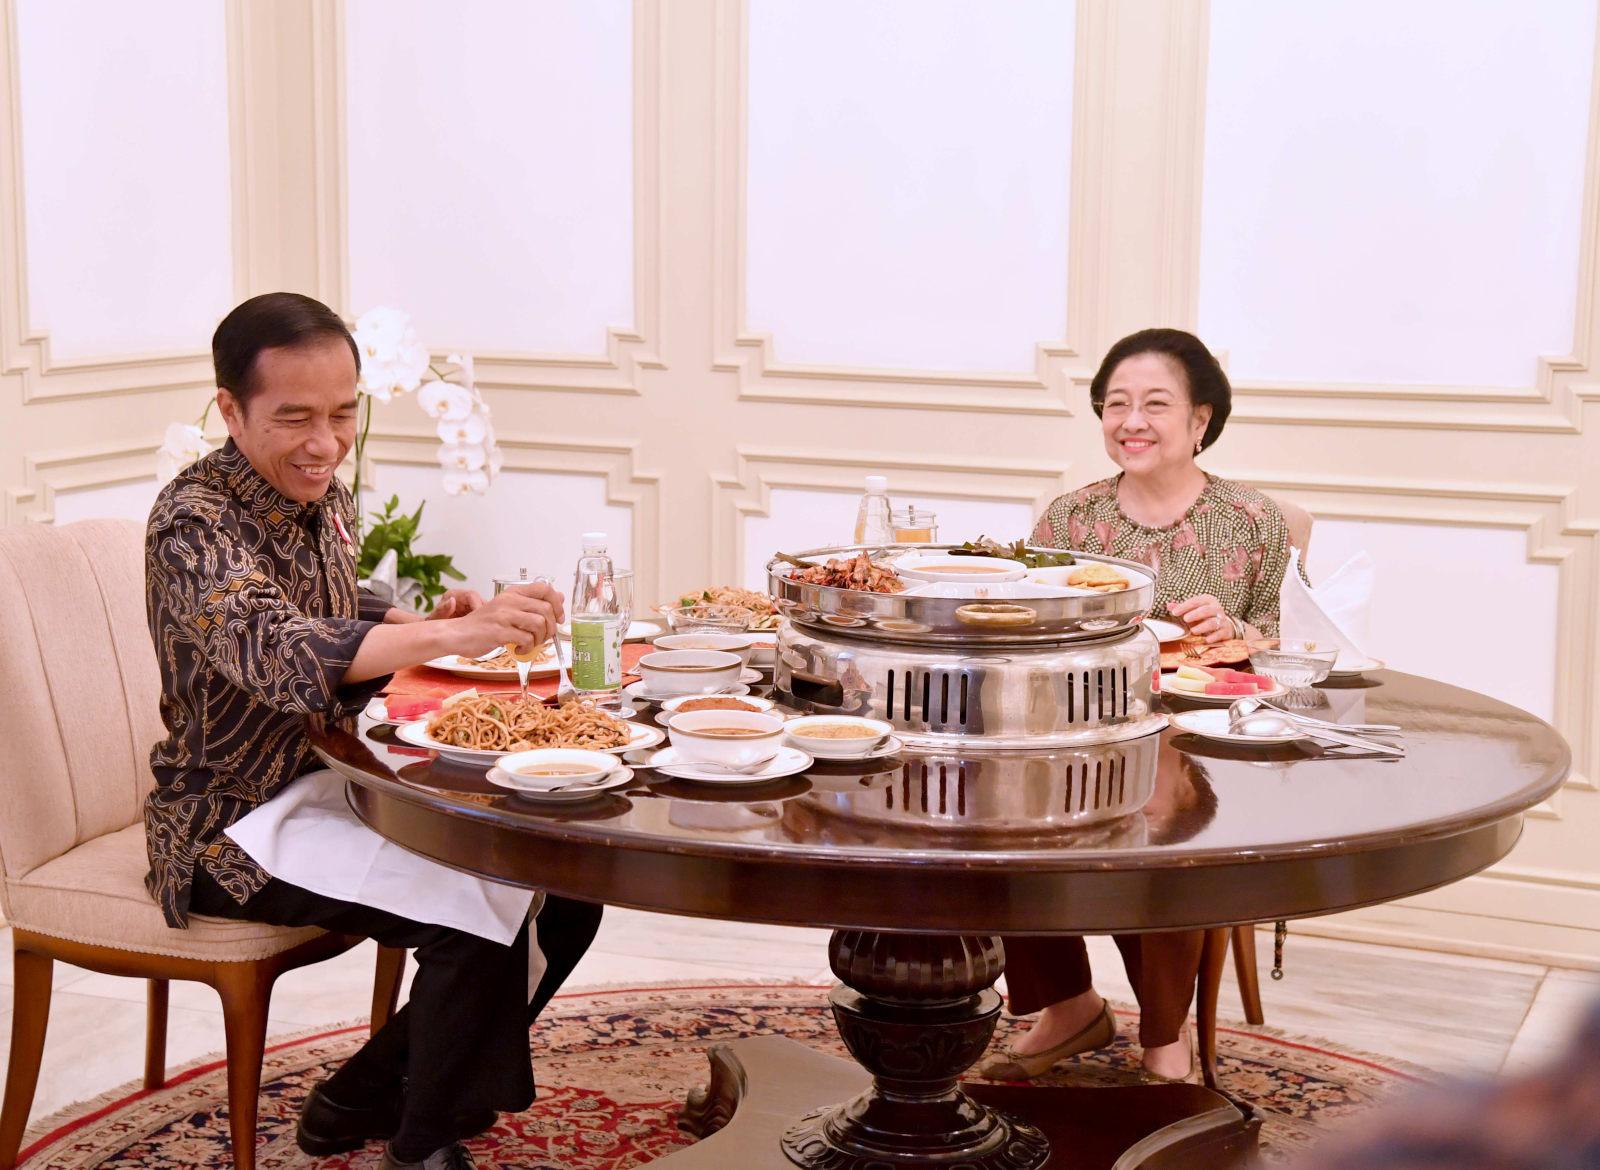 Politik Kuliner Dan Diplomasi Di Atas Meja Makan Tirto Id